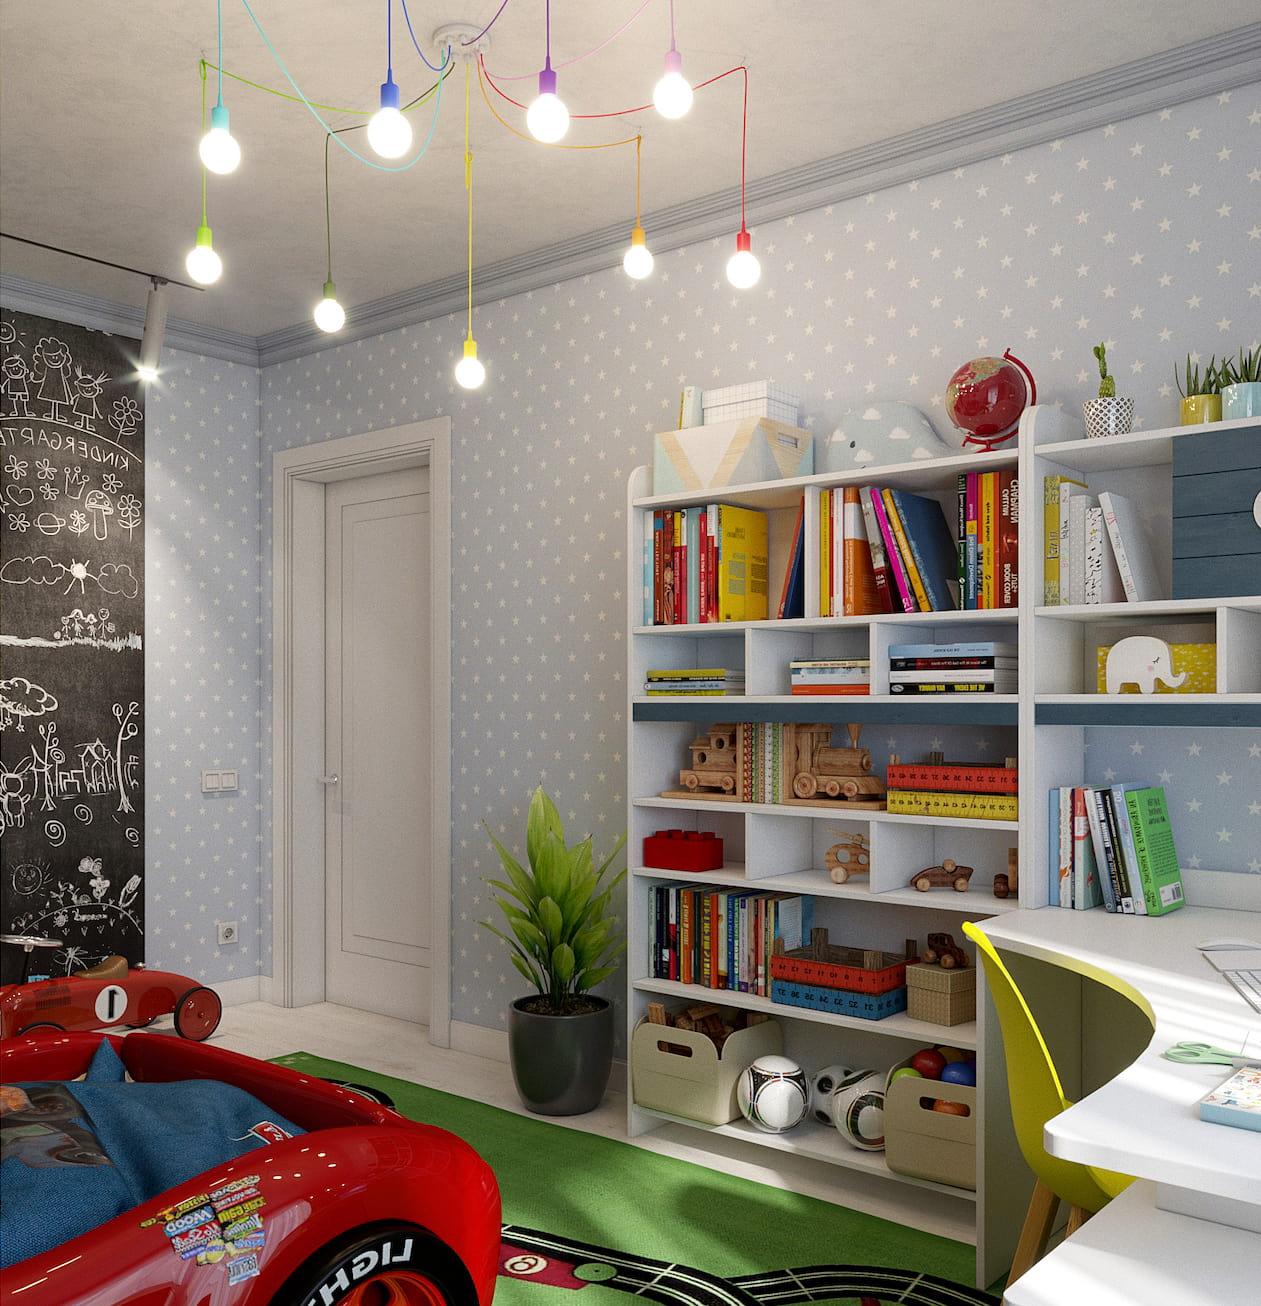 Chambre d'enfant pour un garçon photo 55